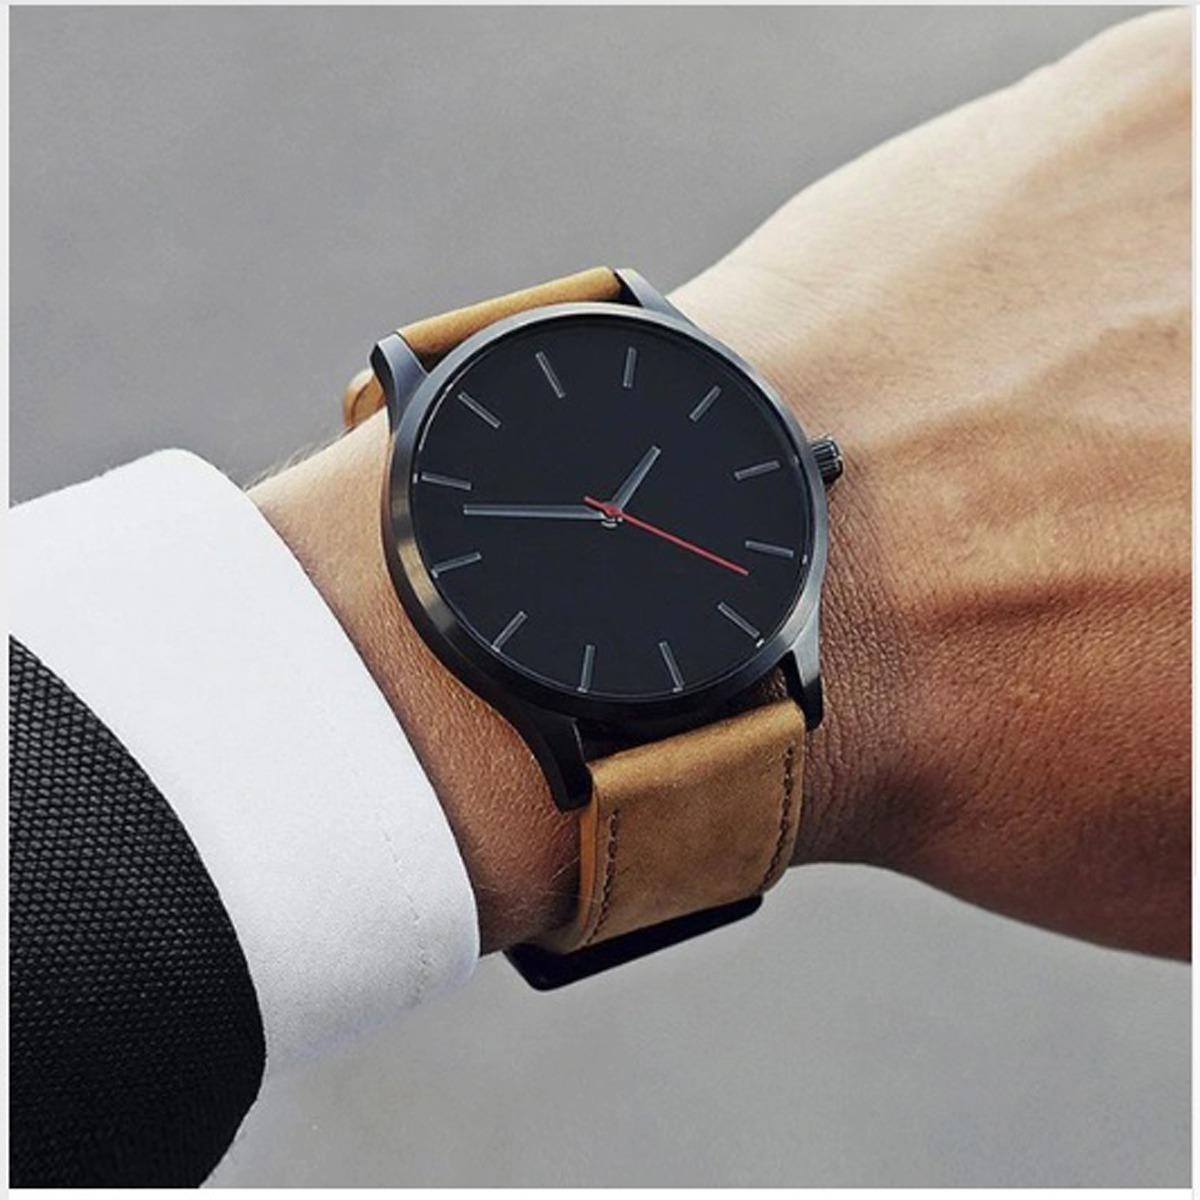 4bbcfefb7c4 Relógio Casual Masculino Pulseira De Couro Preta Quartz Dj01 - R  45 ...